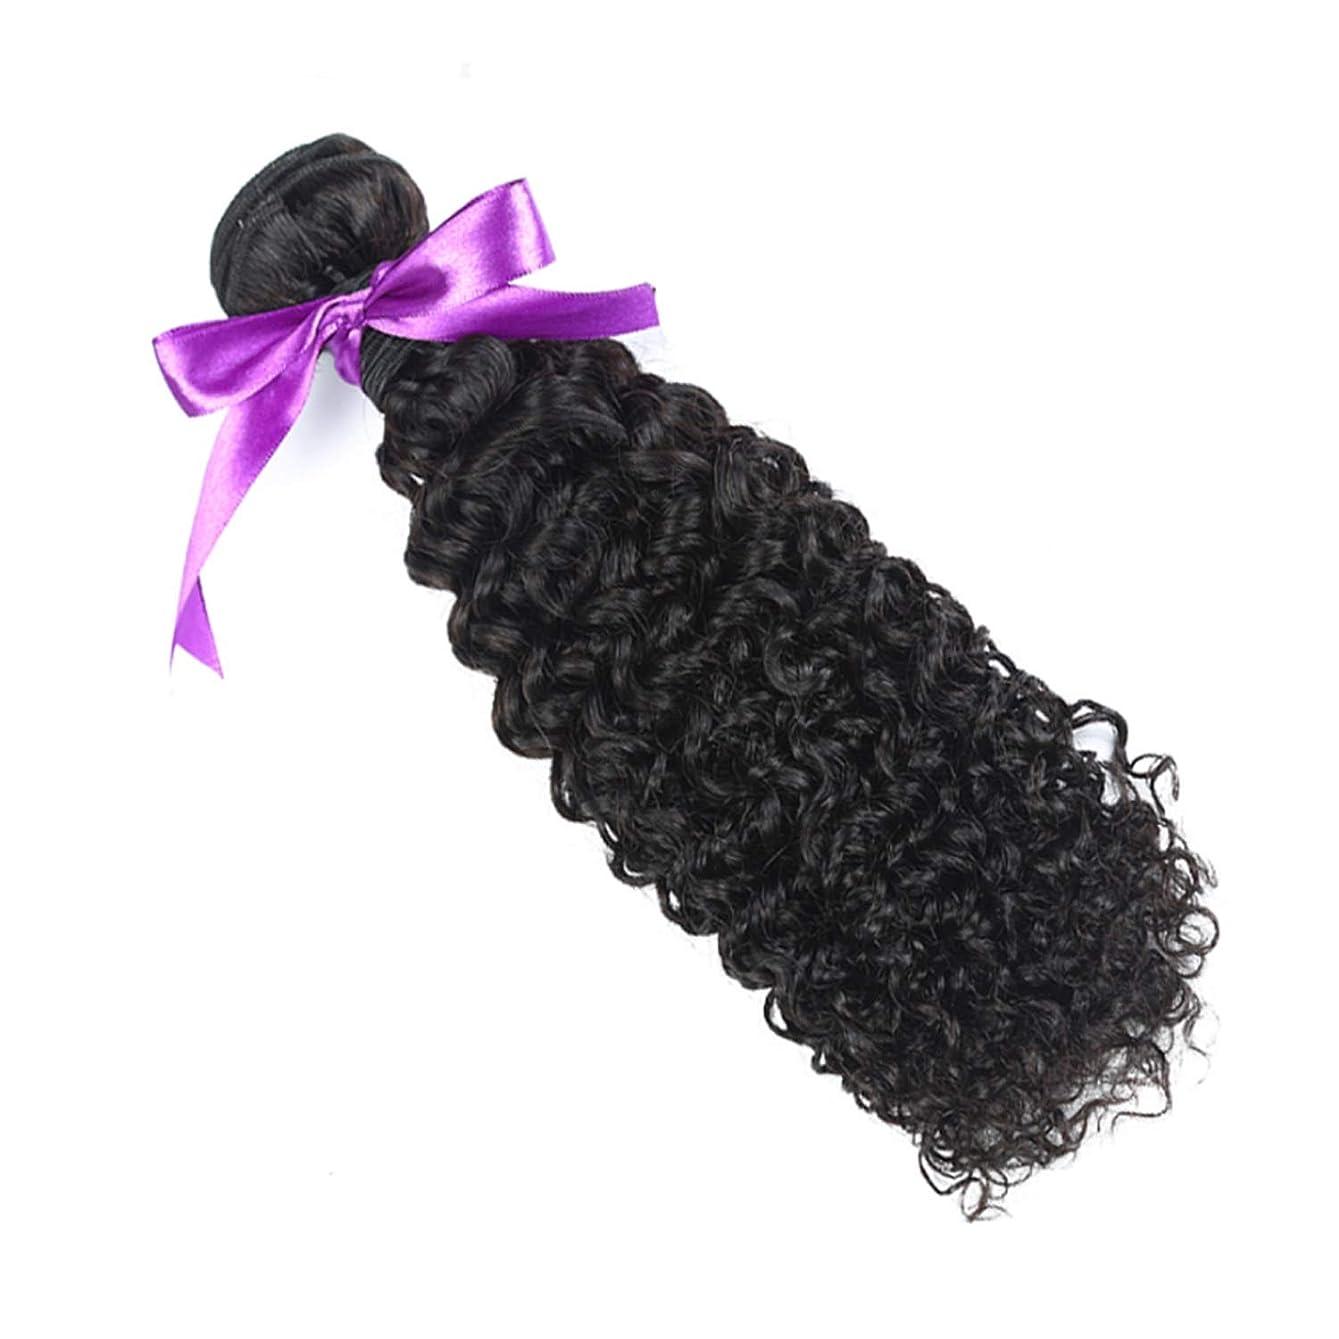 注ぎますラジエーターあごかつら マレーシアの巻き毛の束8-28インチ100%の人間の毛髪は、Remyの毛のナチュラルカラー1個の髪の束を織ります (Stretched Length : 24inches)